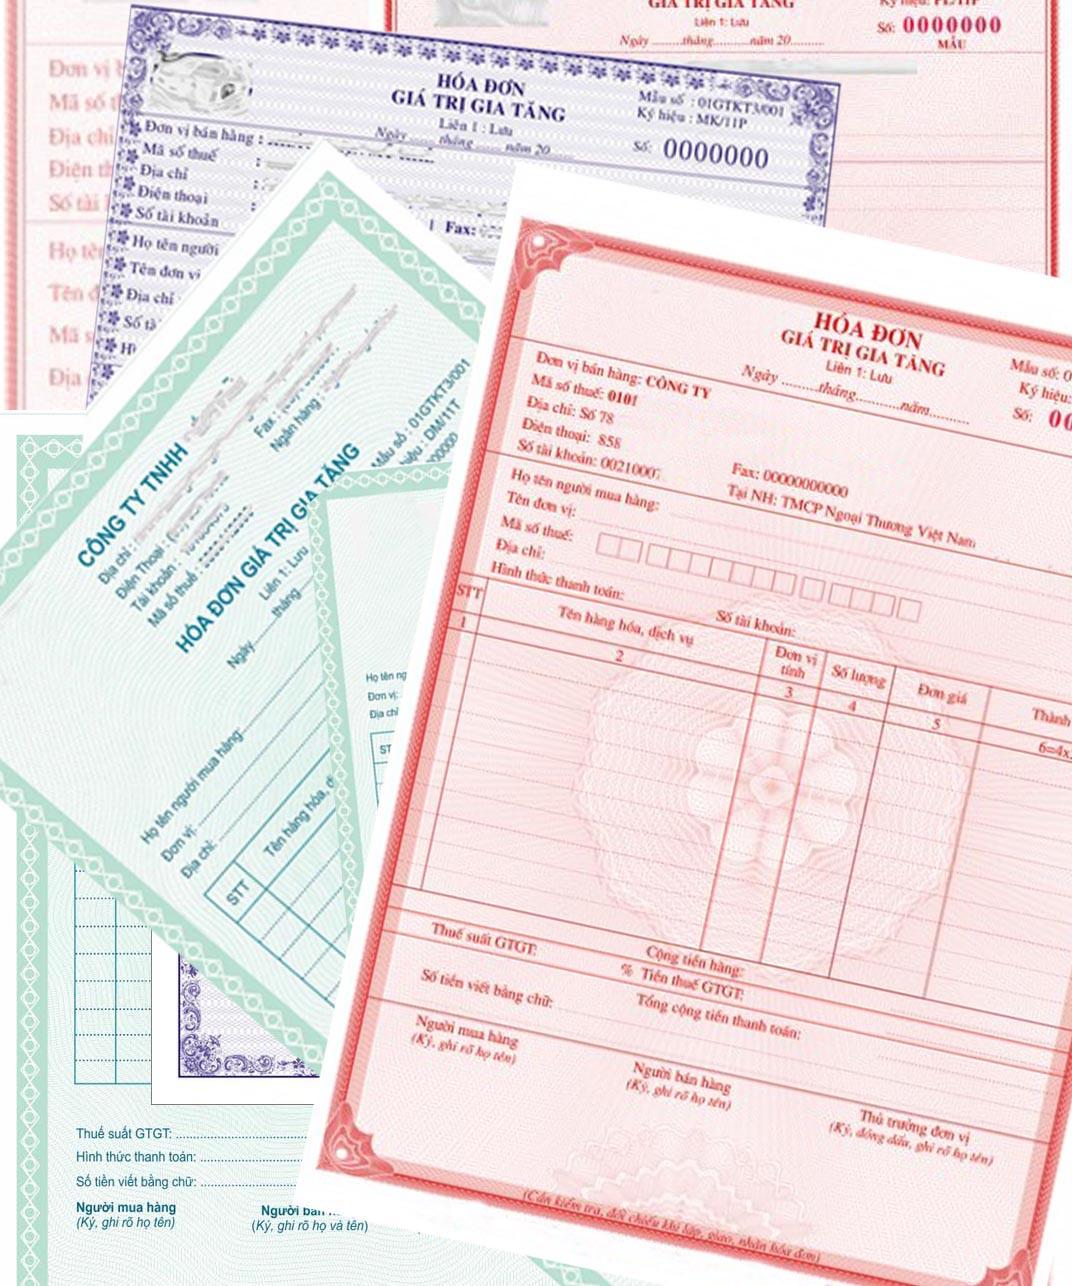 Quy định của pháp luật về nộp báo cáo tình hình sử dụng hóa đơn